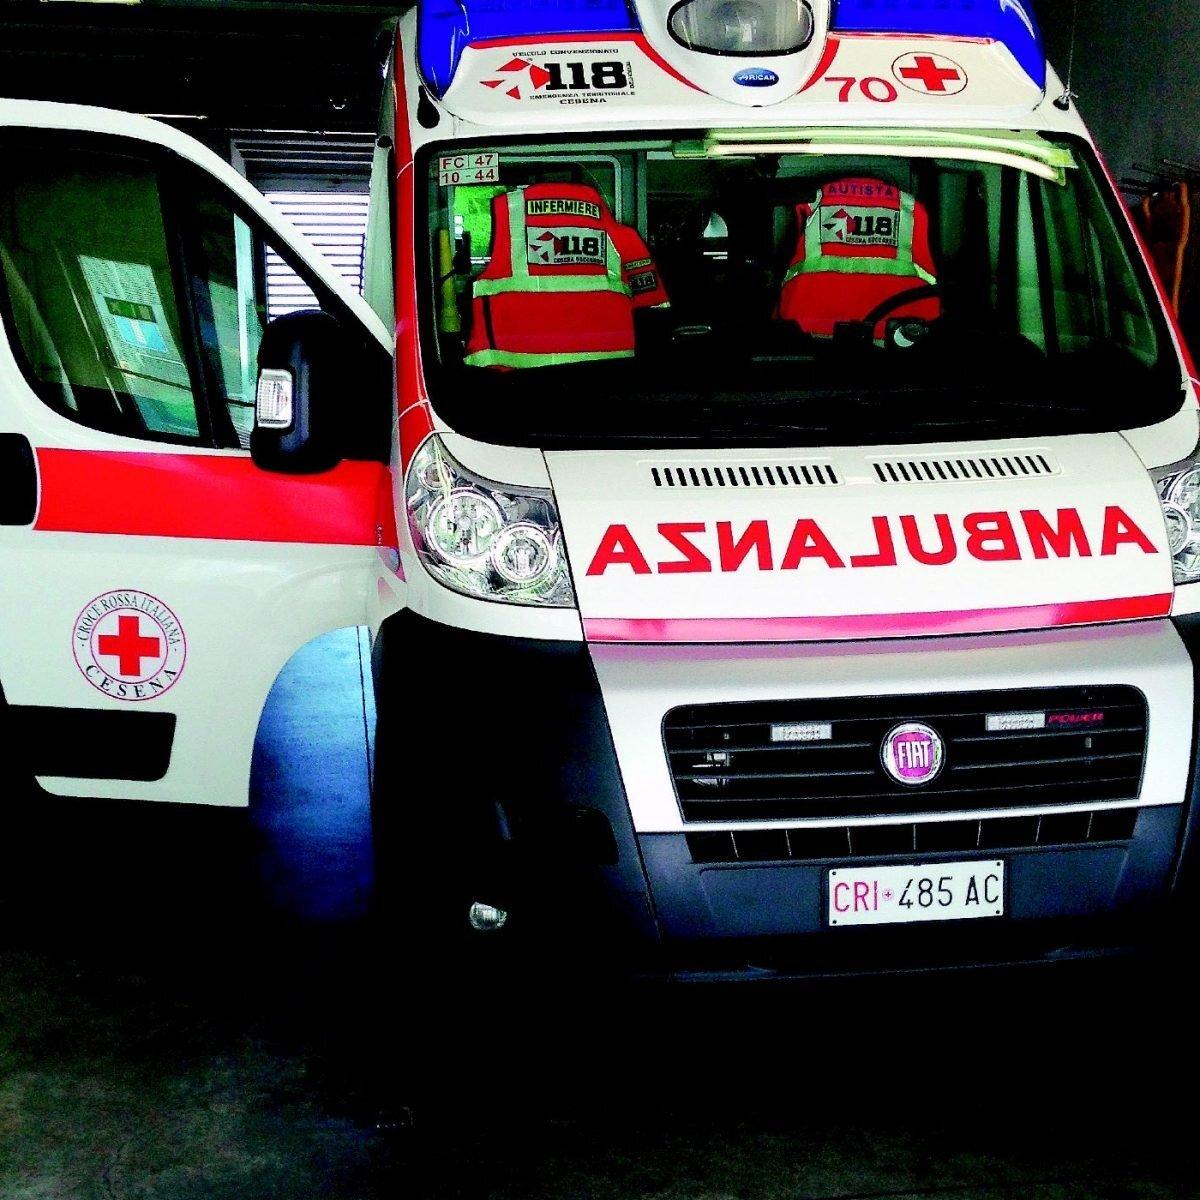 Vestiti impigliati nel macchinario rotante, 73enne muore soffocato a Galeata